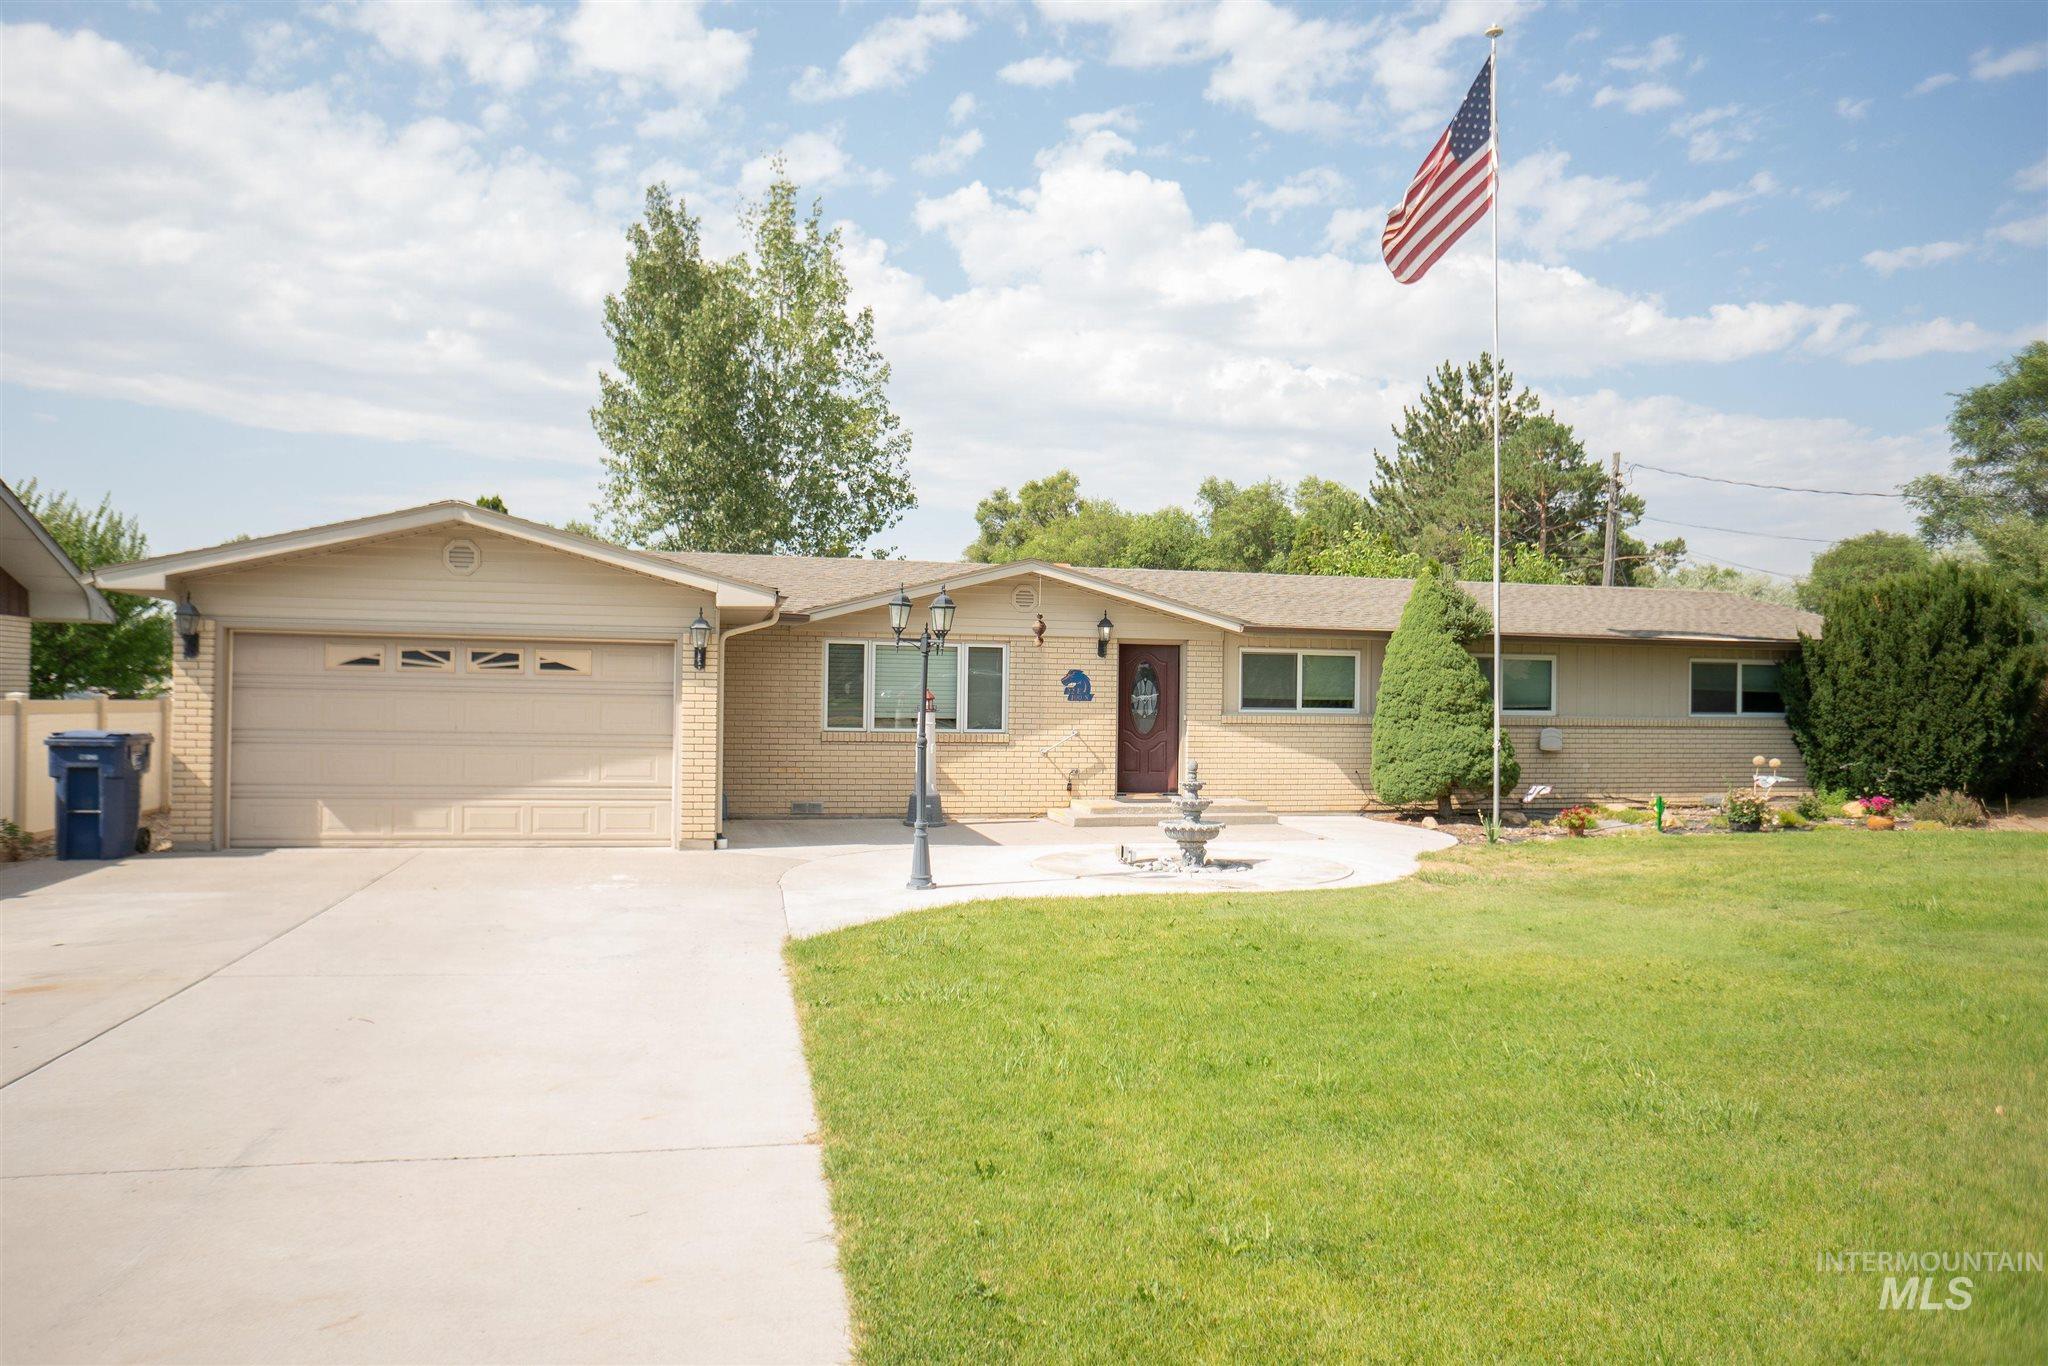 22 E 100s Property Photo